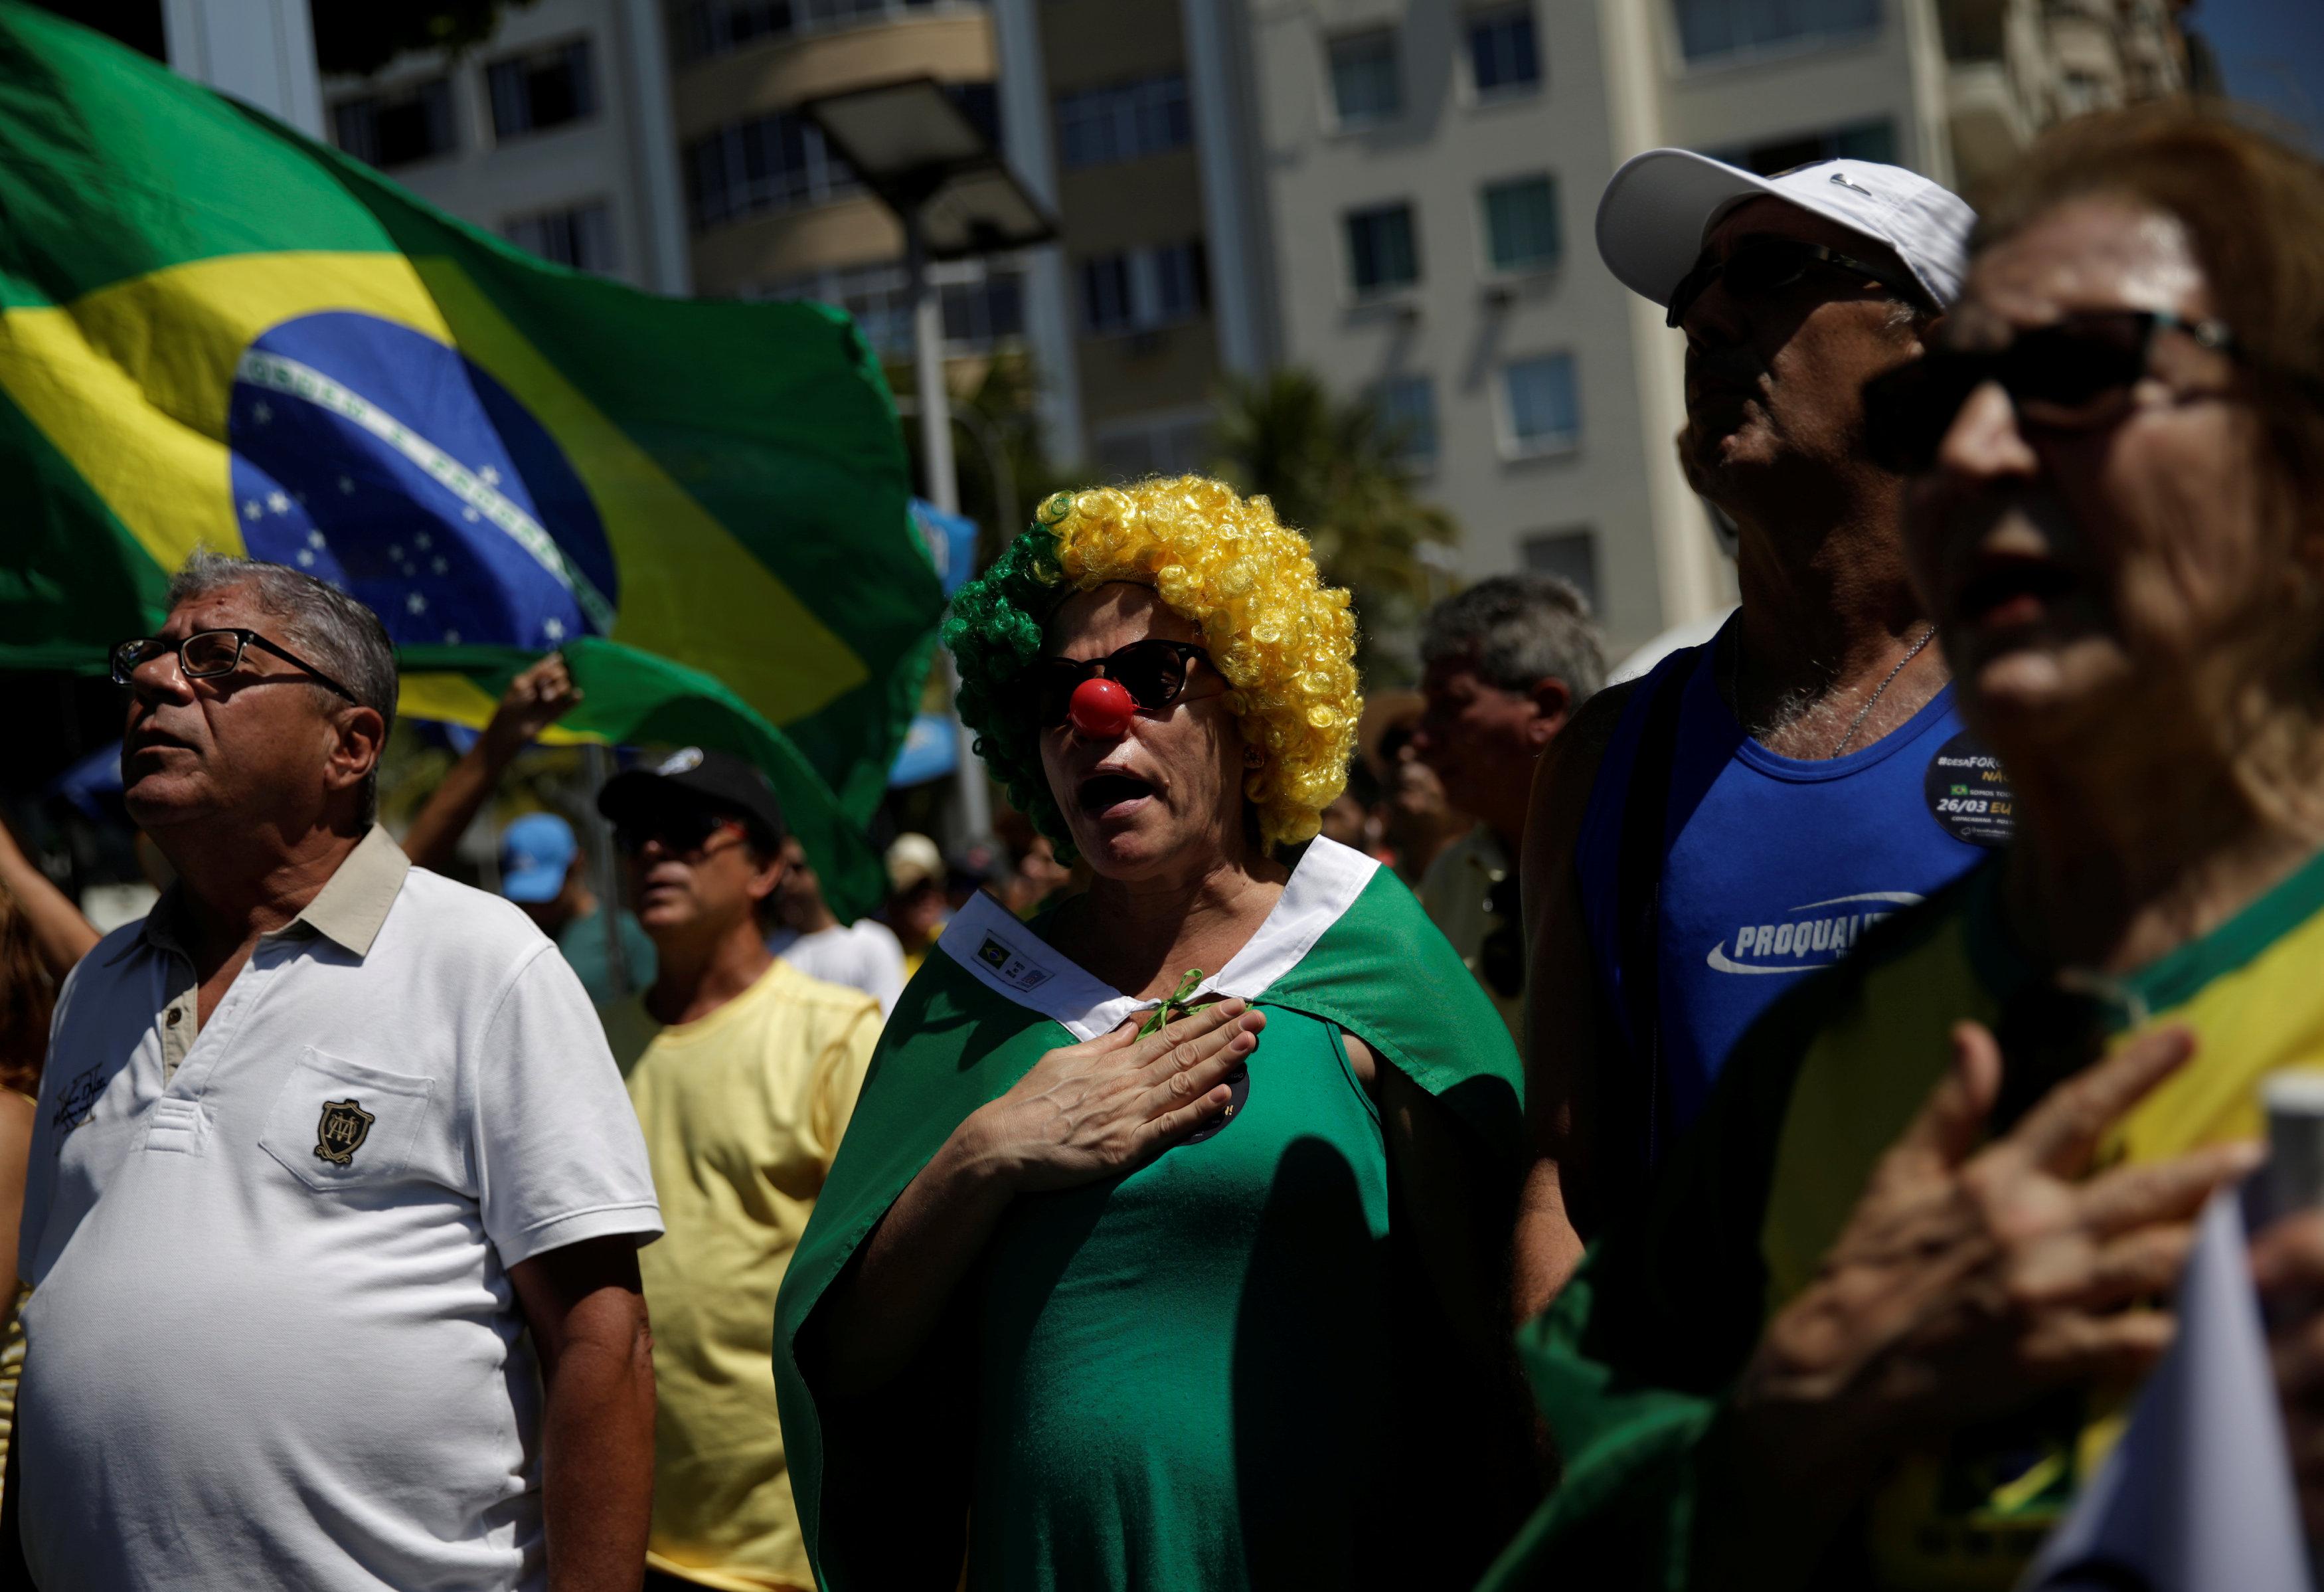 سيدات يشاركن فى احتجاجات البرازيل